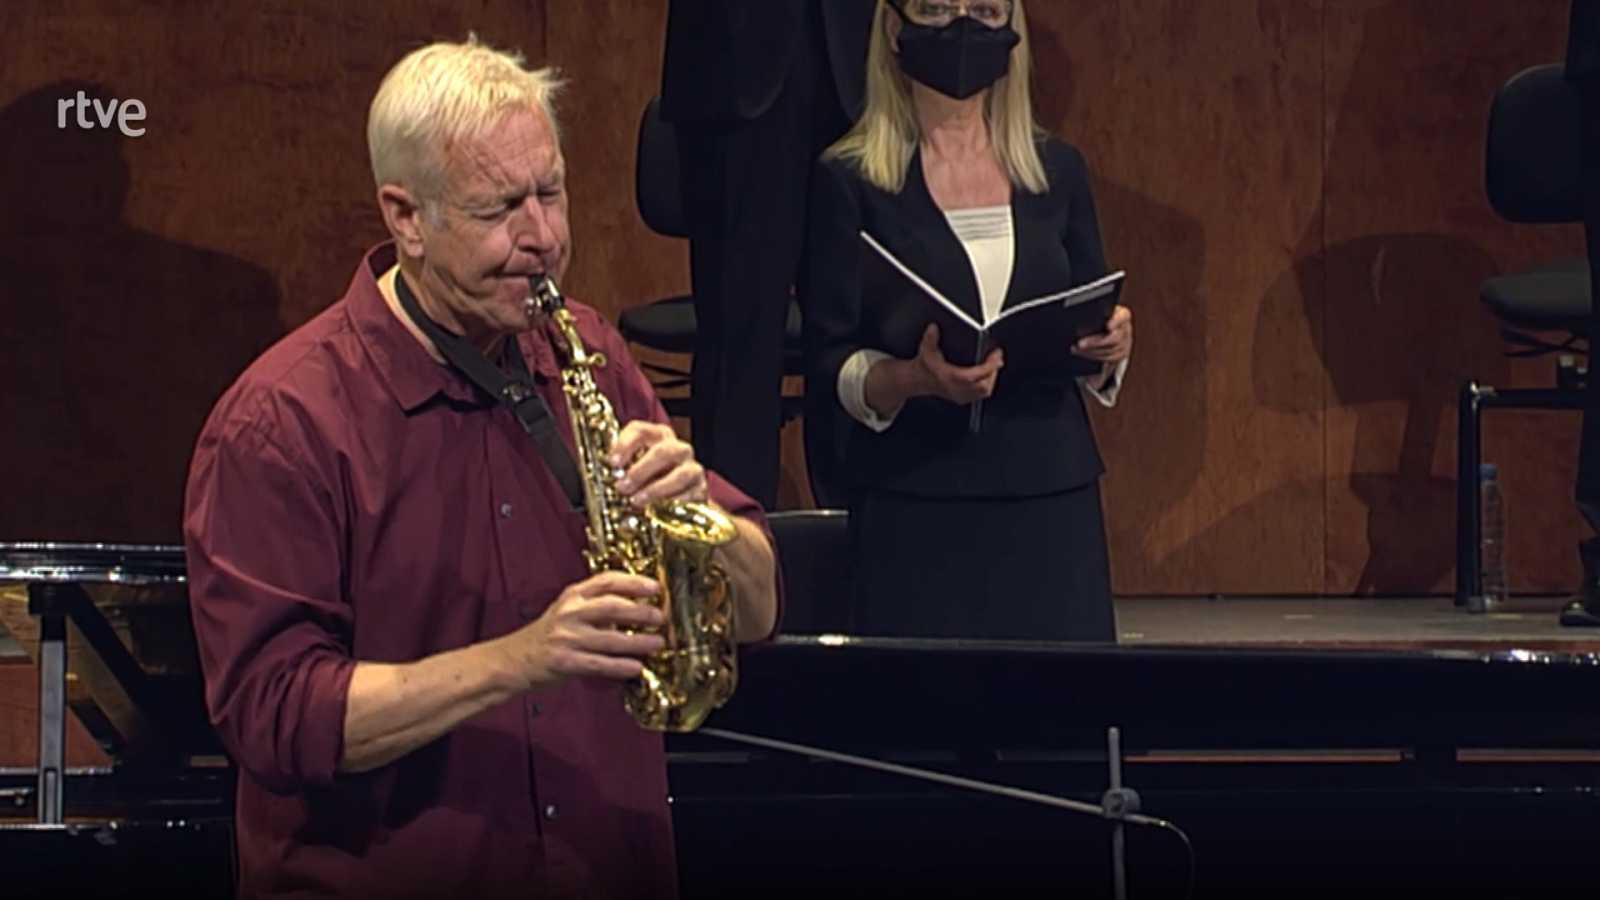 Los conciertos de La2 - Vocalizando e improvisando sobre siete siglos de música - ver ahora